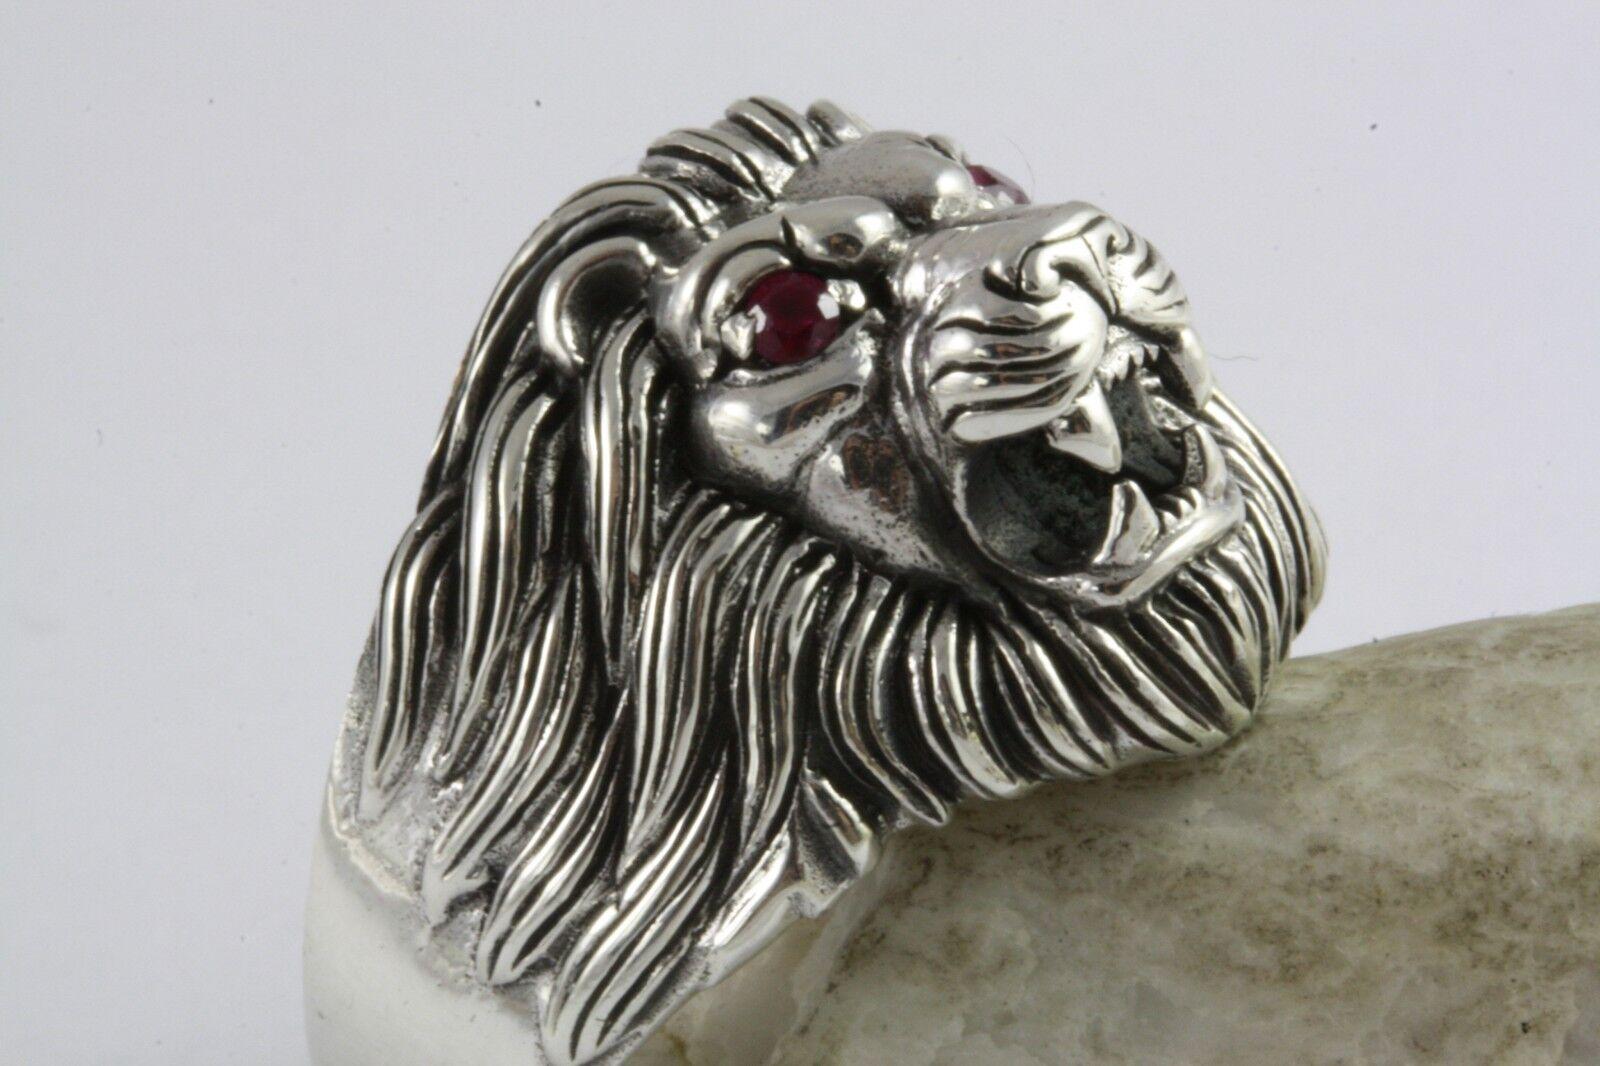 LÖWEN LION RING BIKER LÖWENKOPF RING silverRING ECHT 925 silver   499